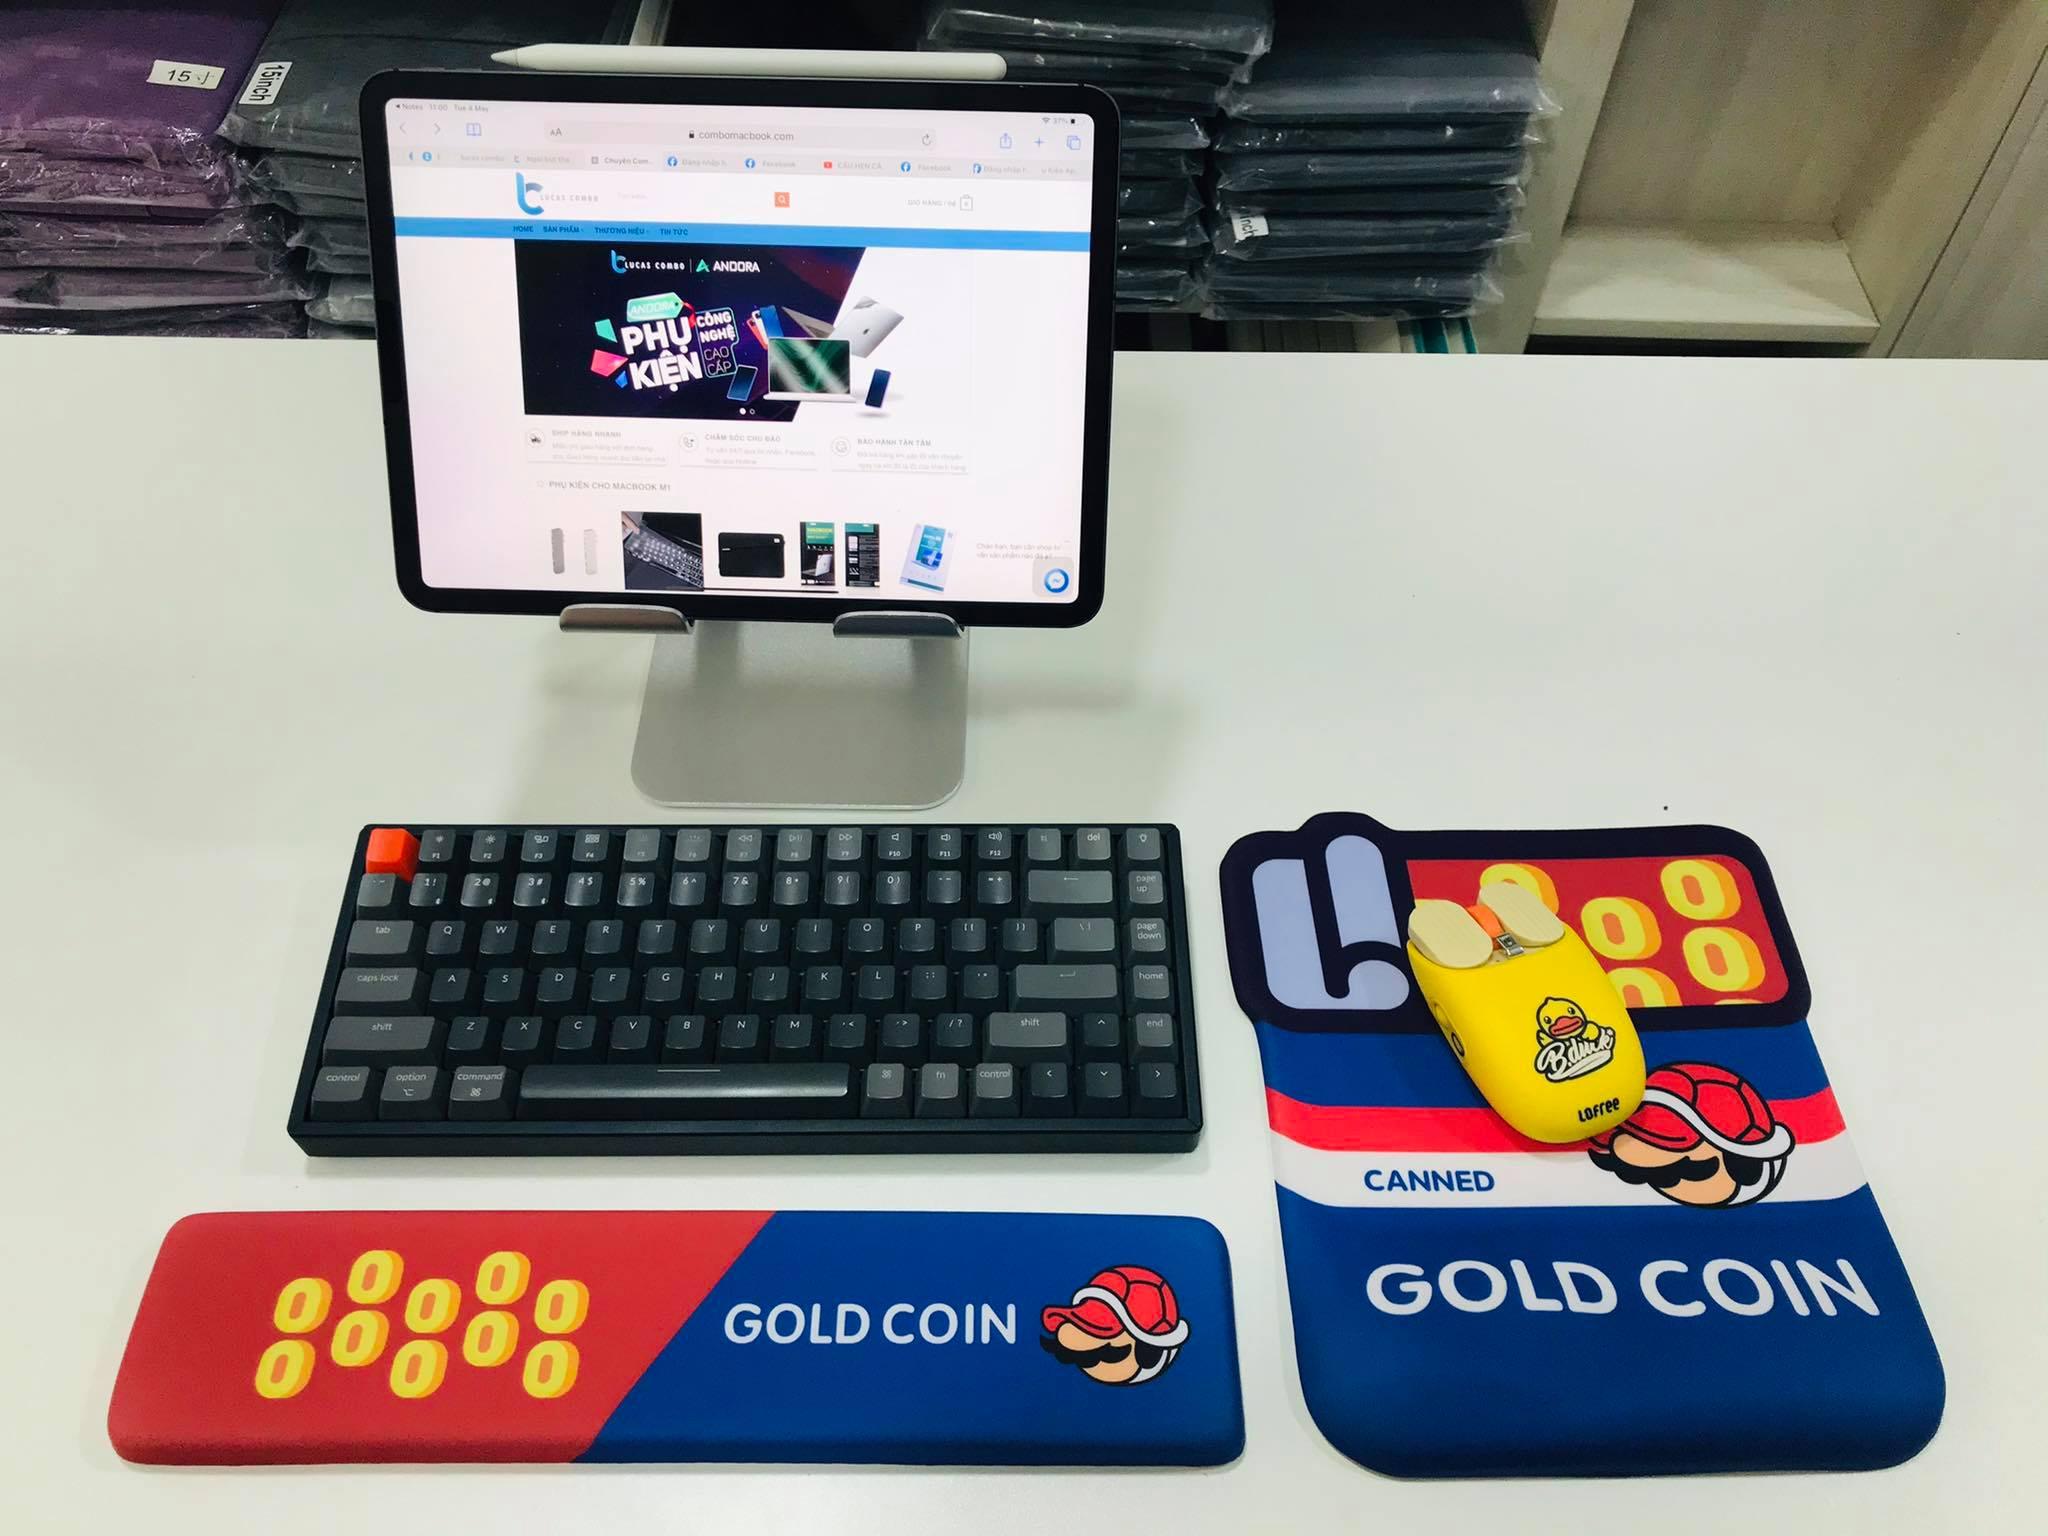 Kê tay bàn phím Silicon hình Corgi, Mario, Bamboo chống mỏi cổ tay Lucas - Hàng Nhập Khẩu